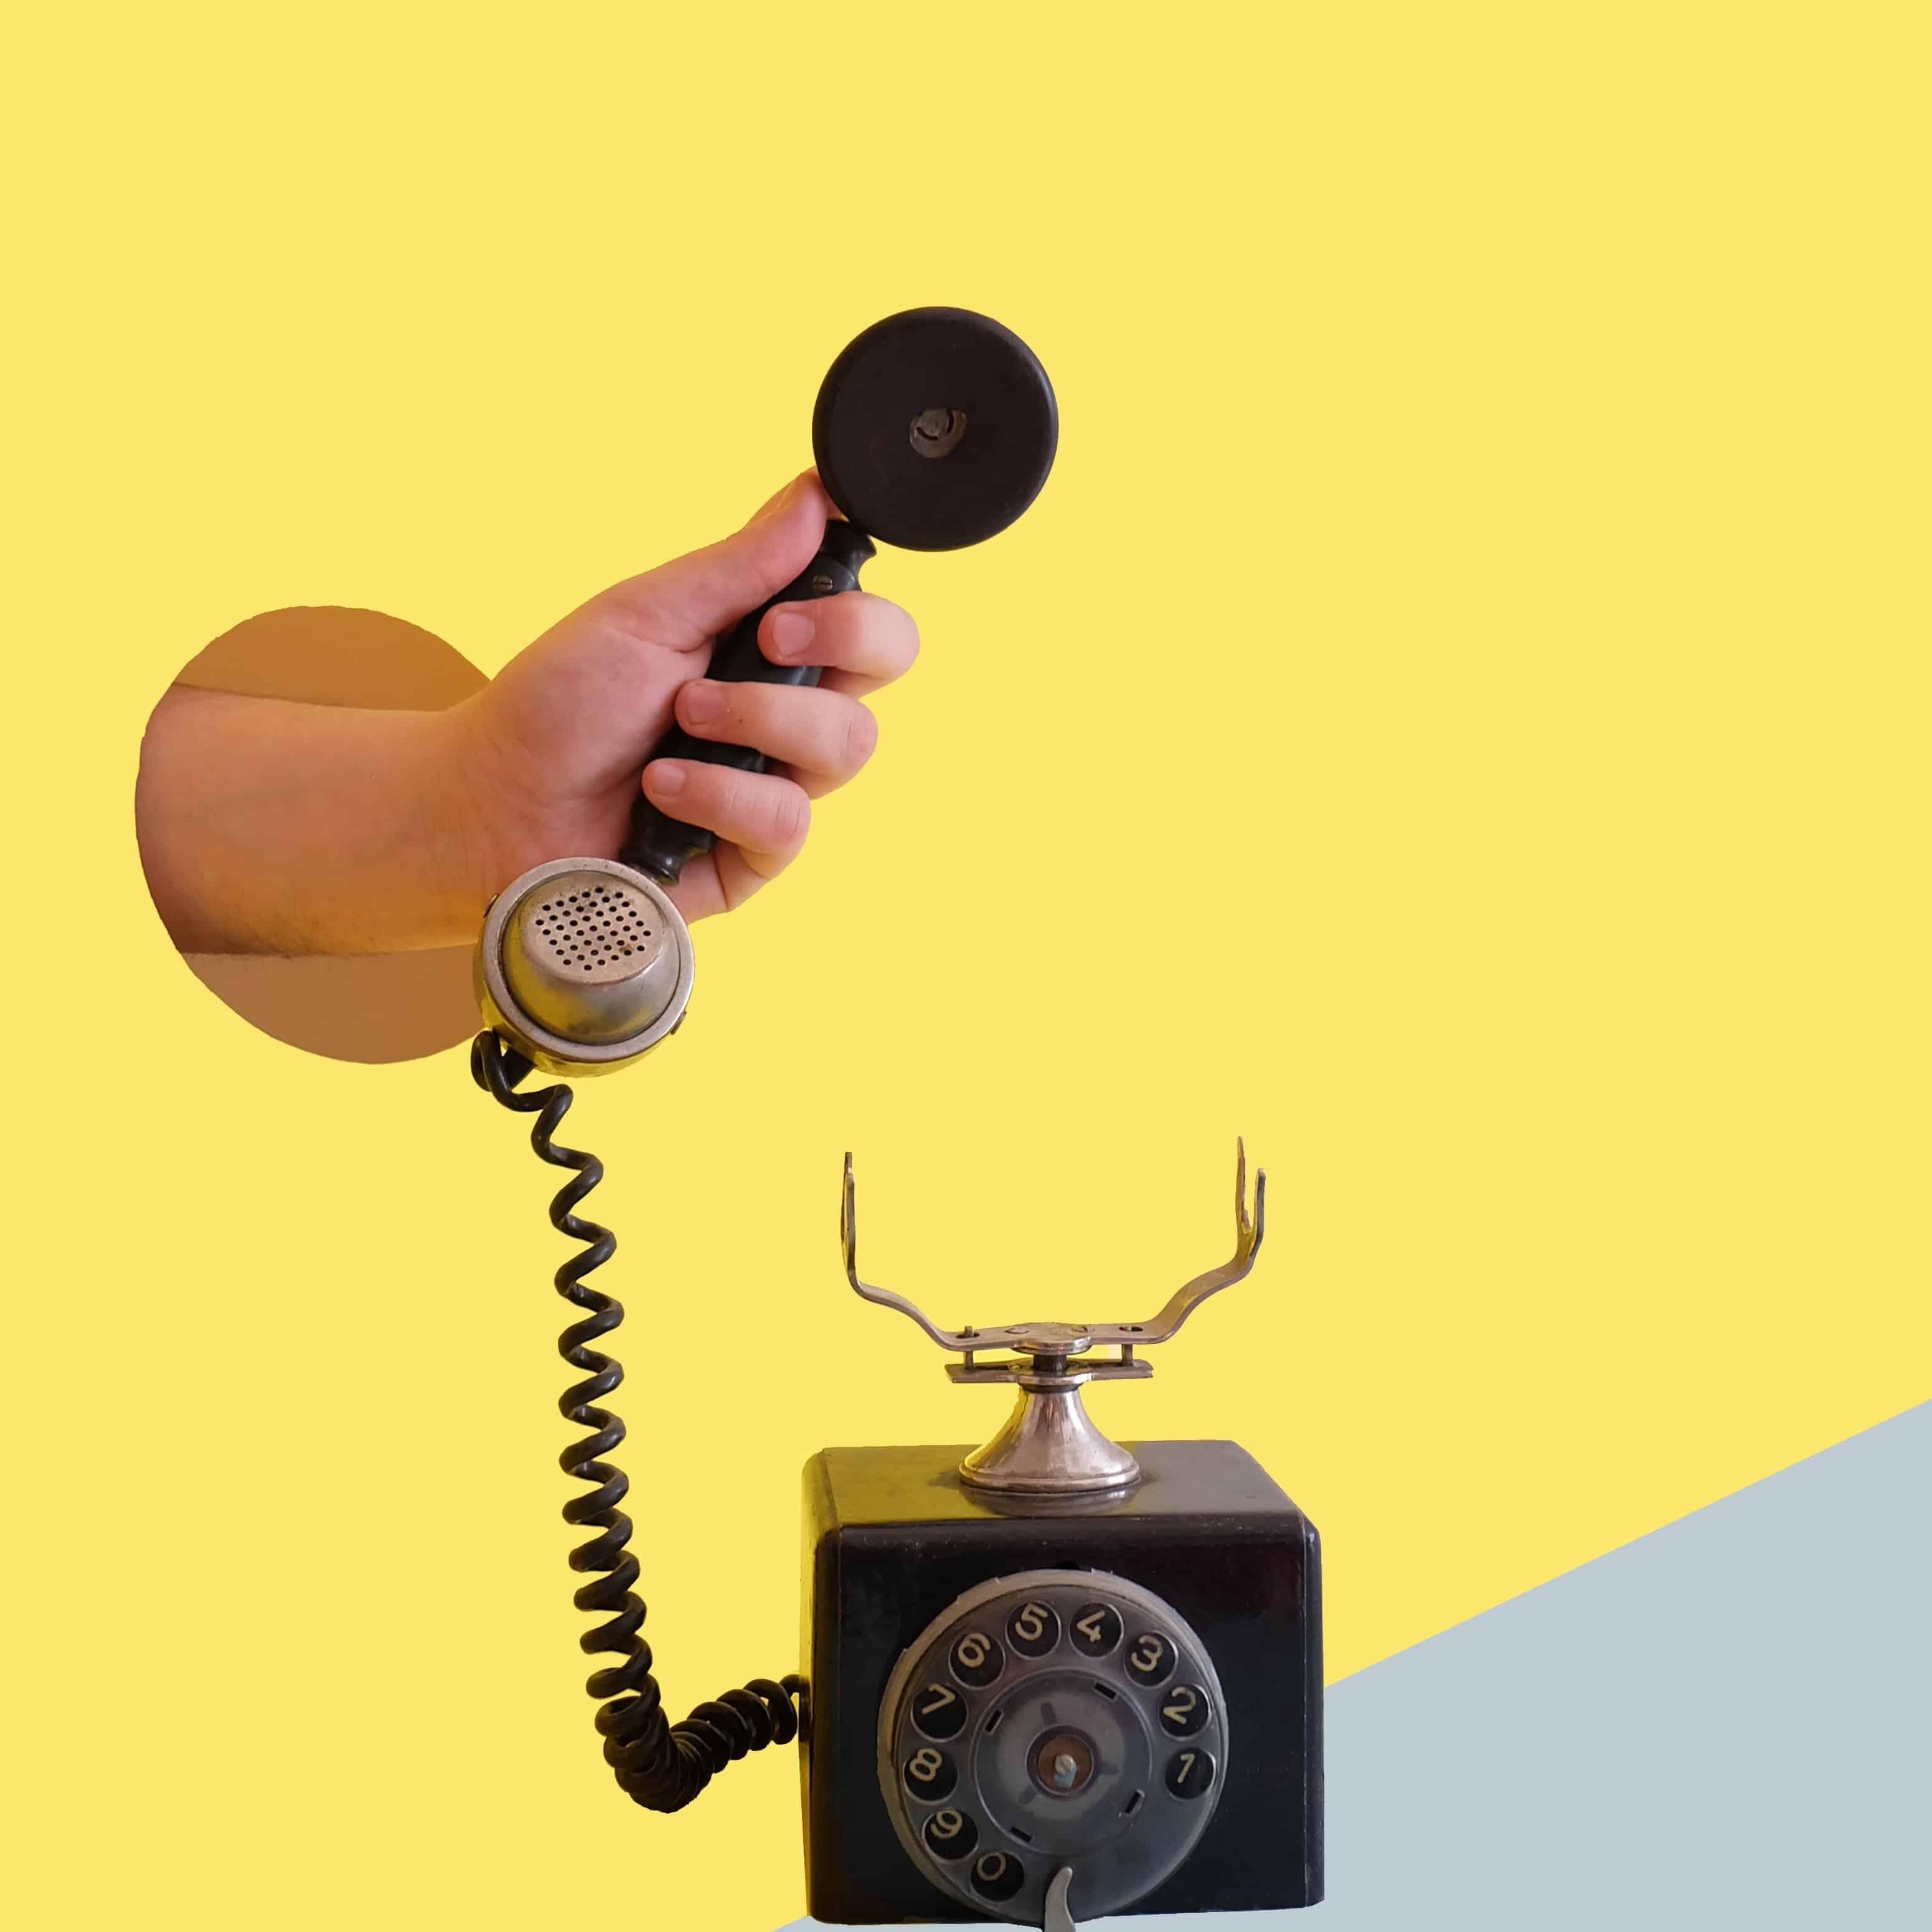 Koud bellen is dood: 8 manieren om als verkoper wel succesvol te zijn!